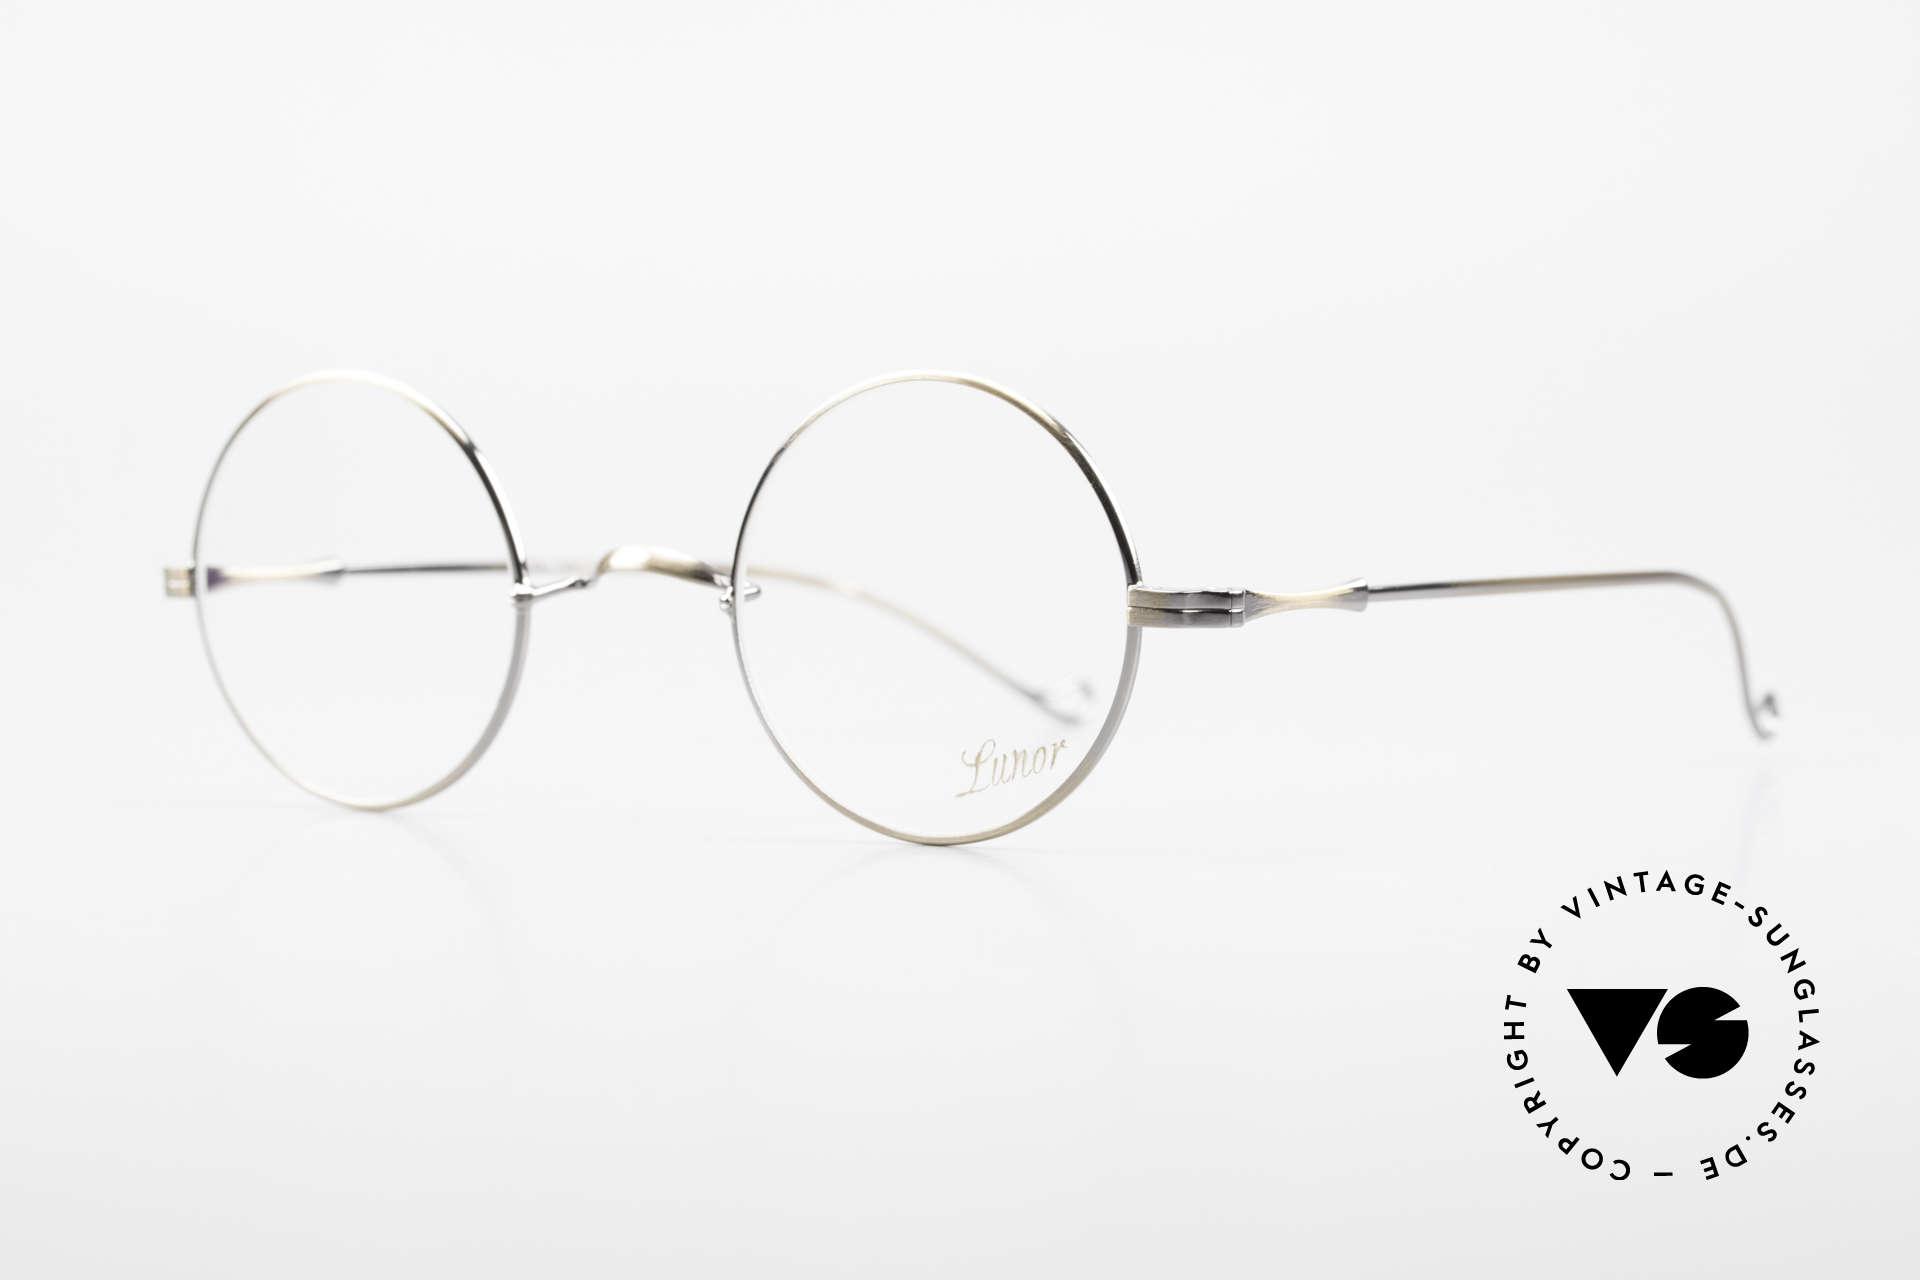 Lunor II 23 Runde Lunor Brille Antik Gold, kreisrunde Rahmenform (in M Gr. 42mm) mit W-Steg, Passend für Herren und Damen